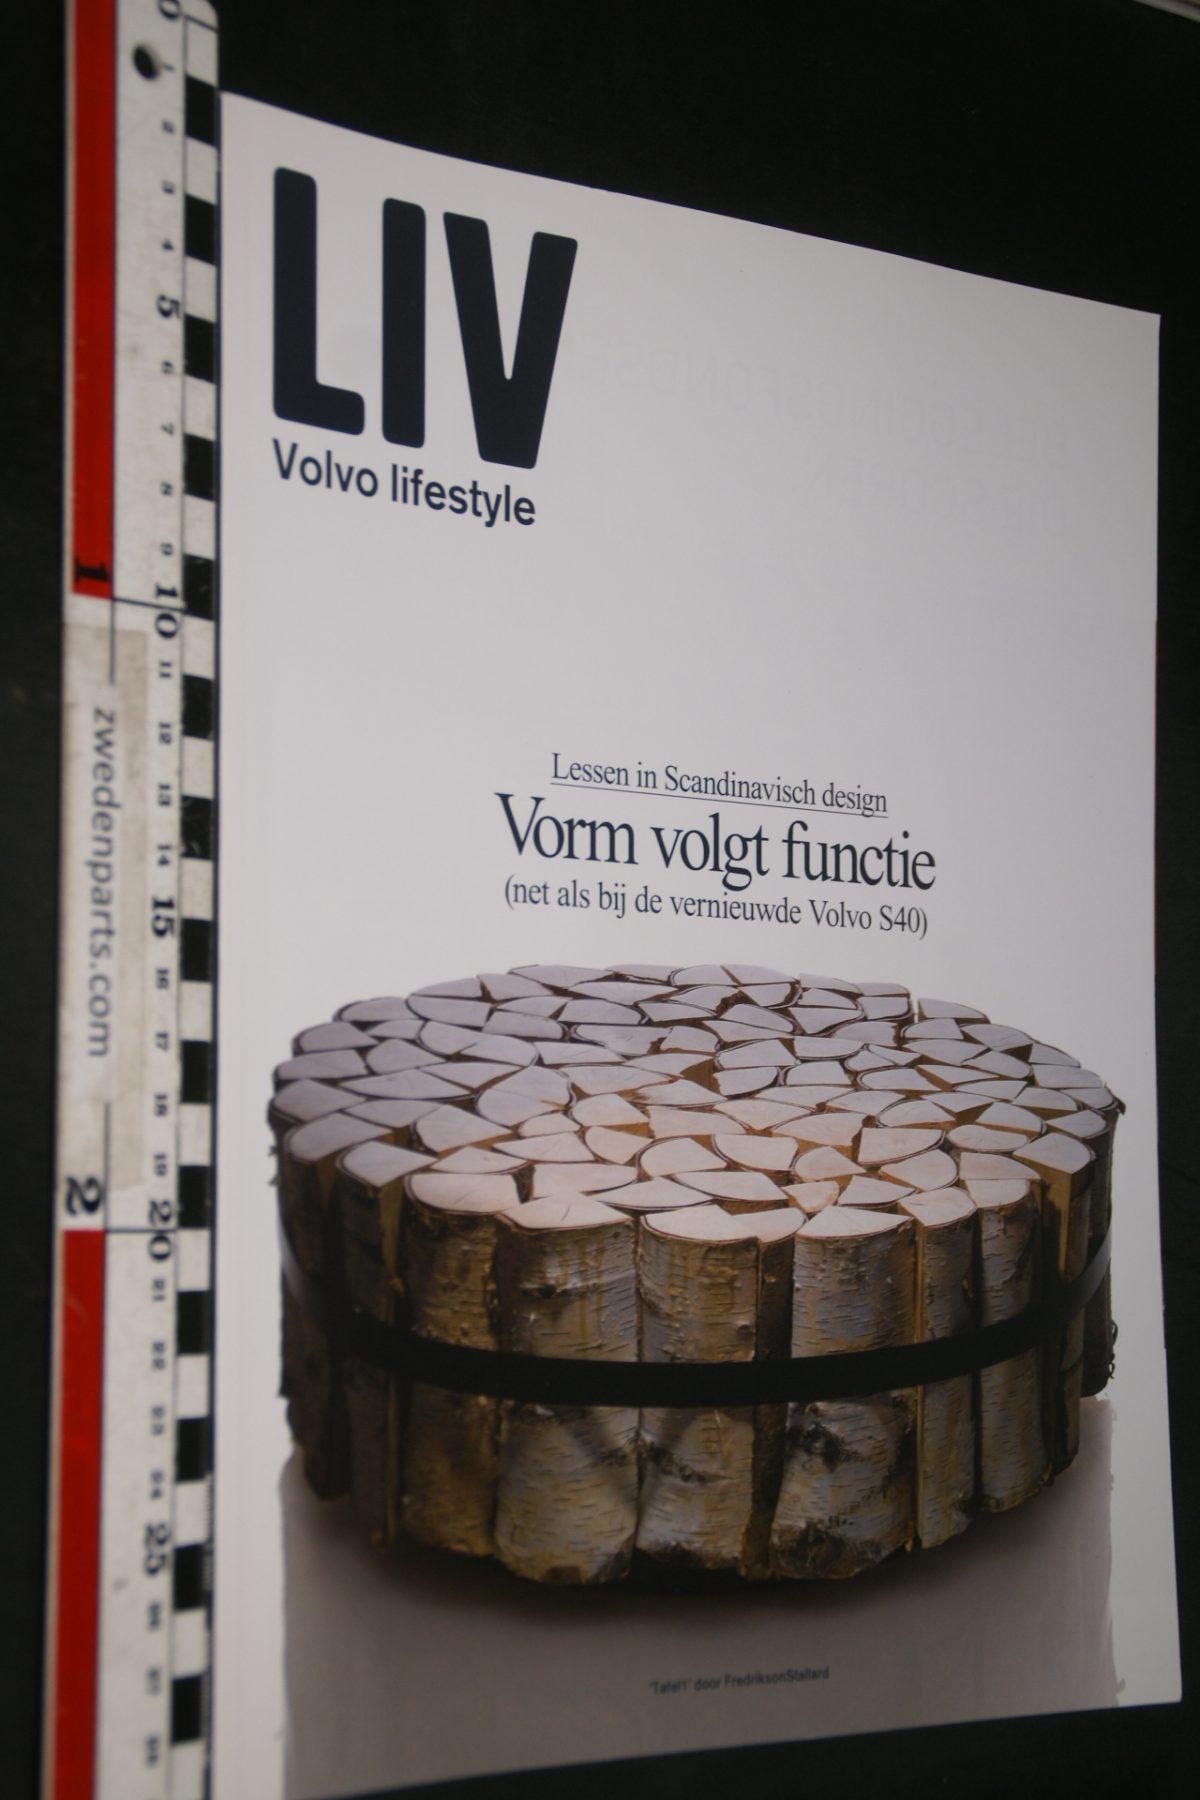 DSC05123 2007 tijdschrift Volvo LIV nr 2